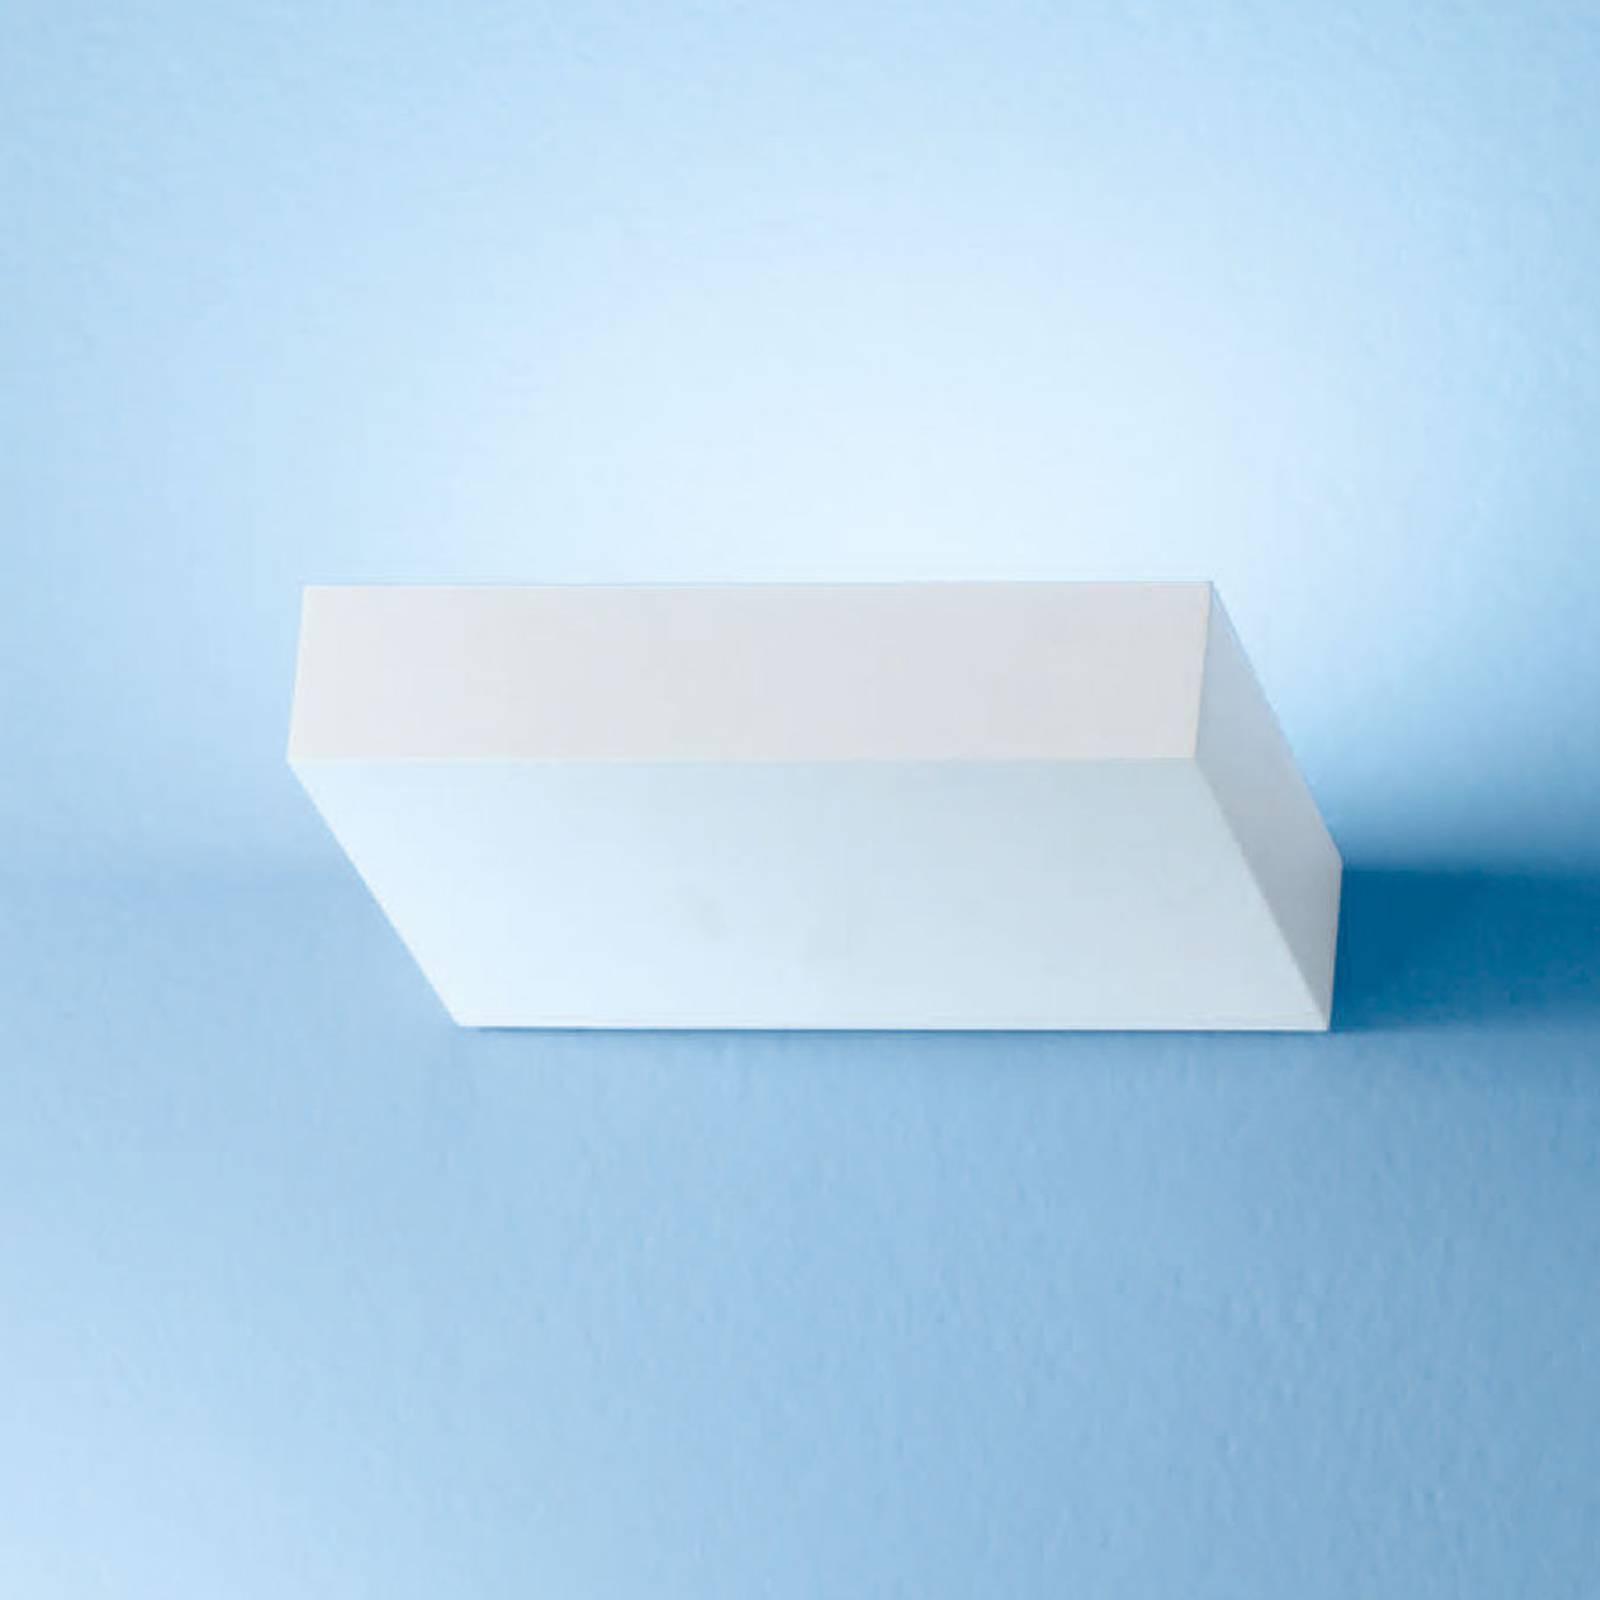 LED-seinävalaisin Regolo, pituus 16,3 cm valkoinen